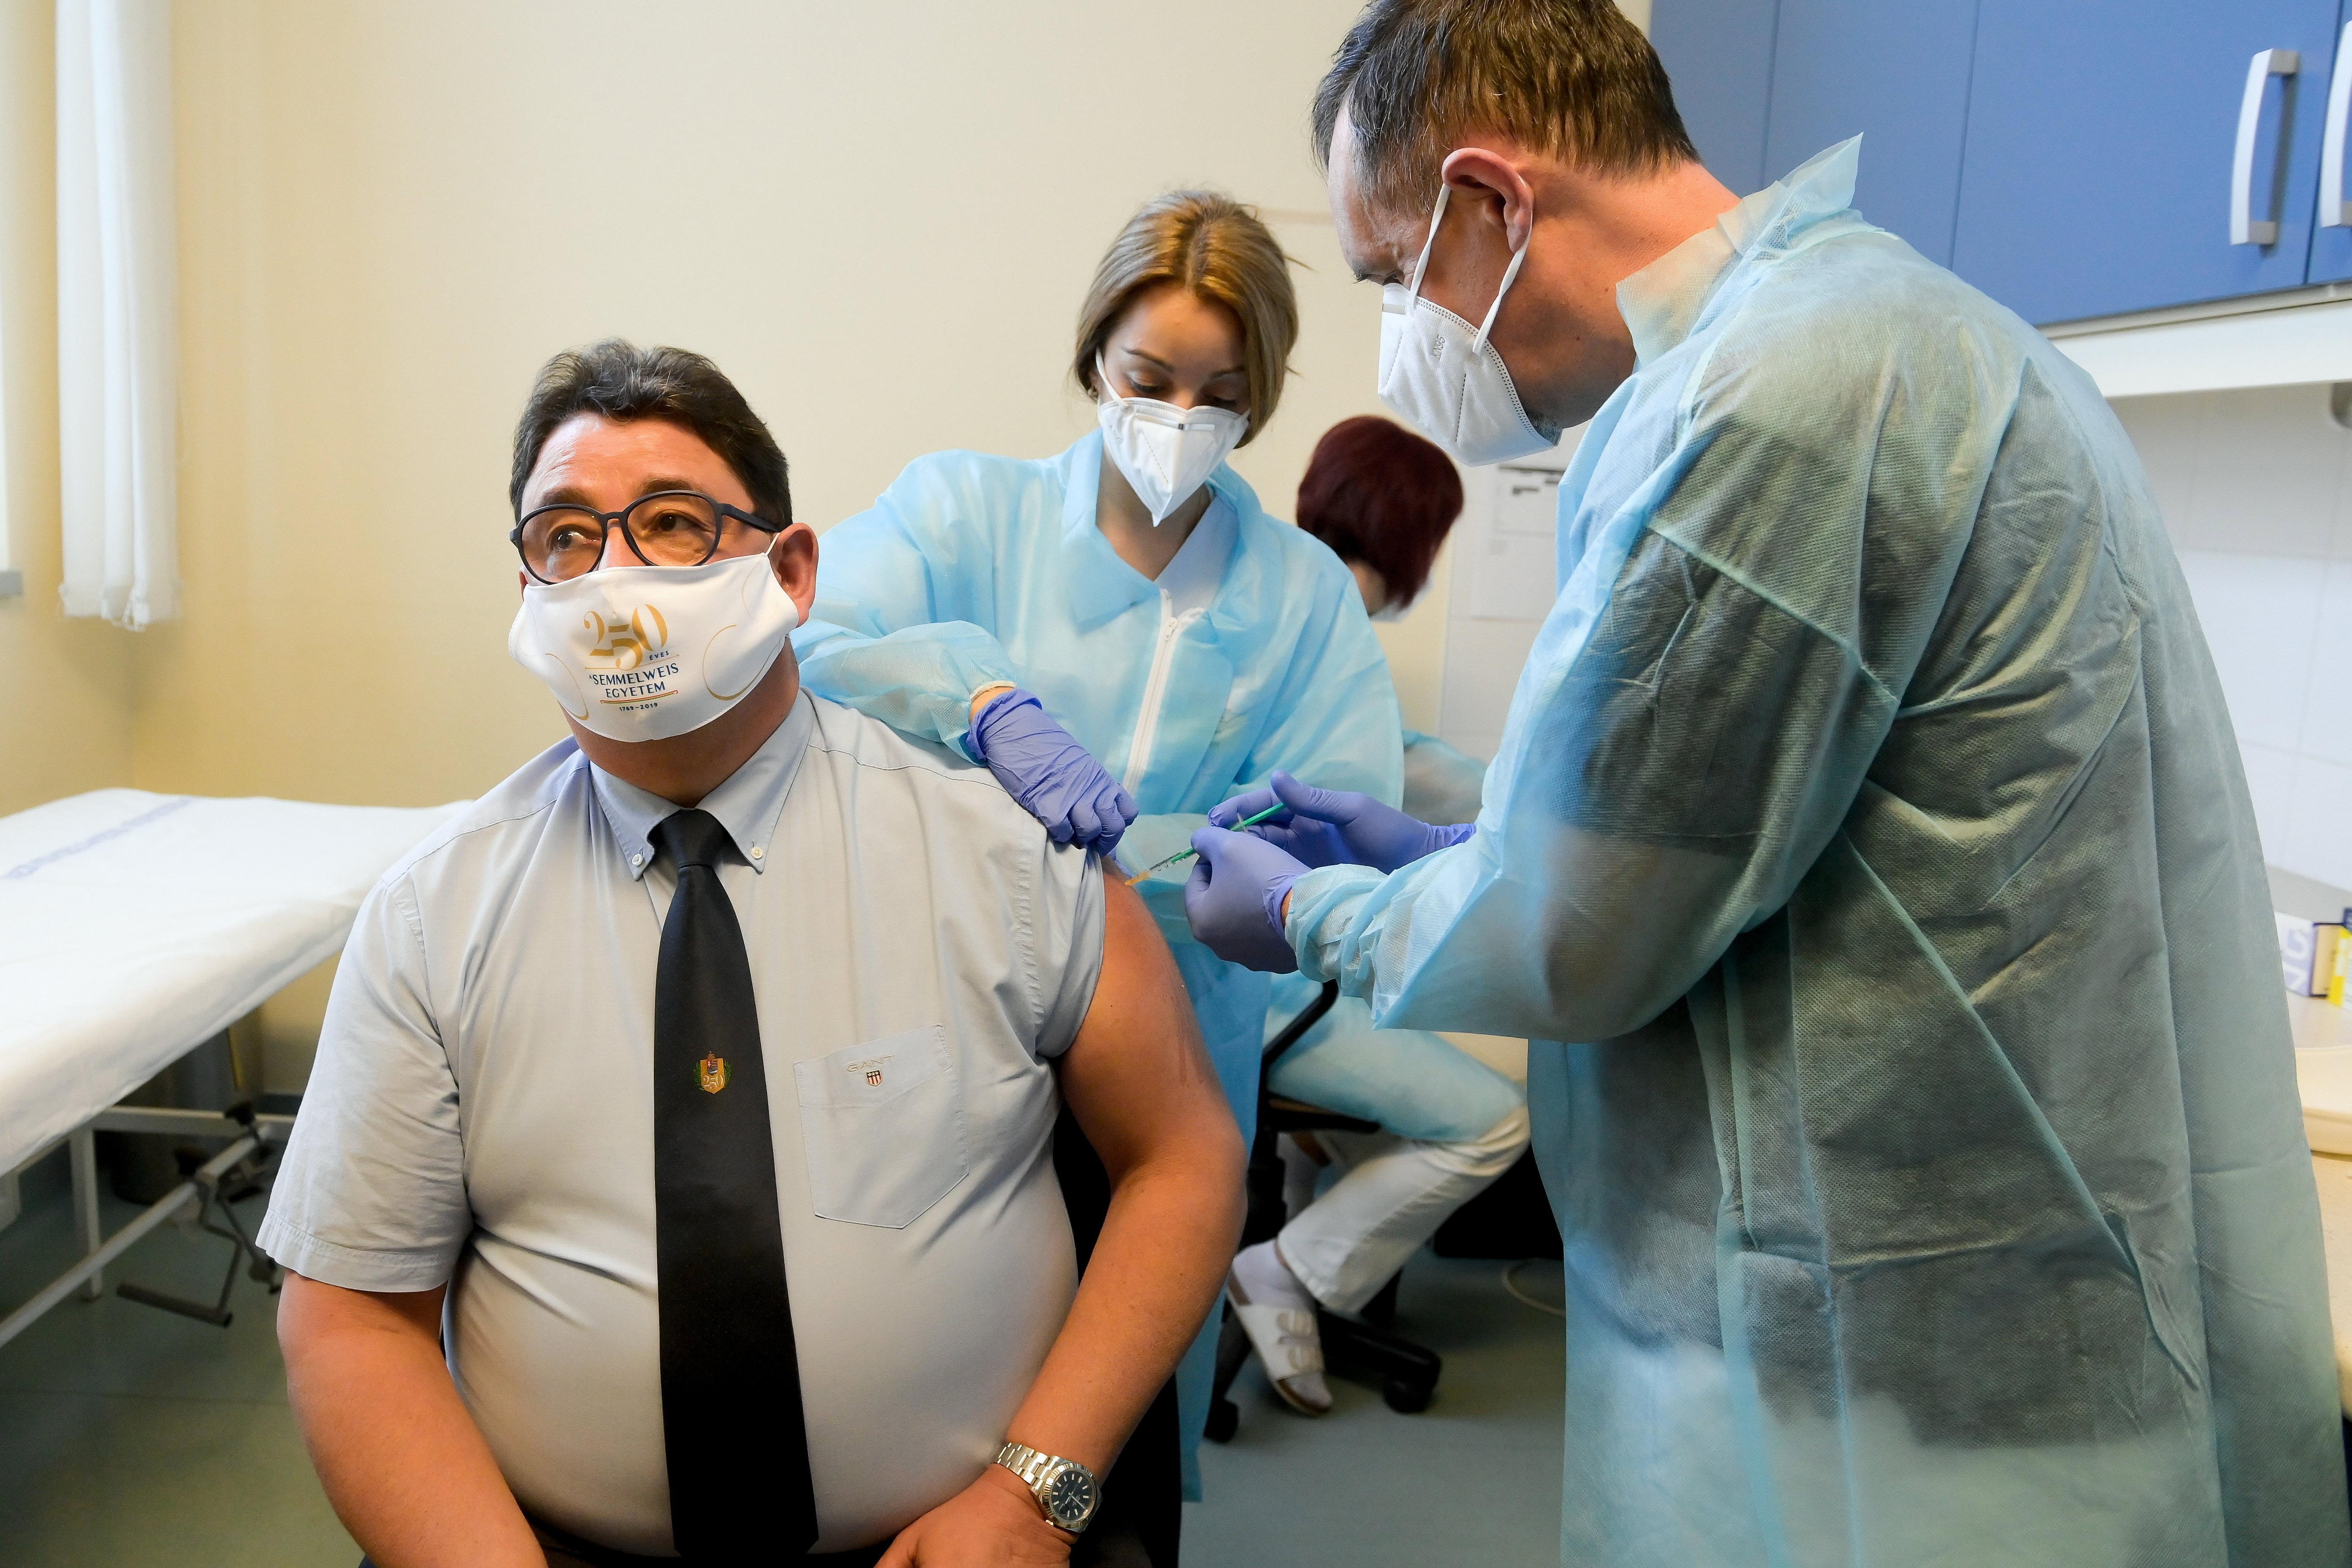 Merkely Béla ingyenes ellenanyag-vizsgálatot ajánl azoknak, akiknek két oltás után sincs elegendő antitestjük